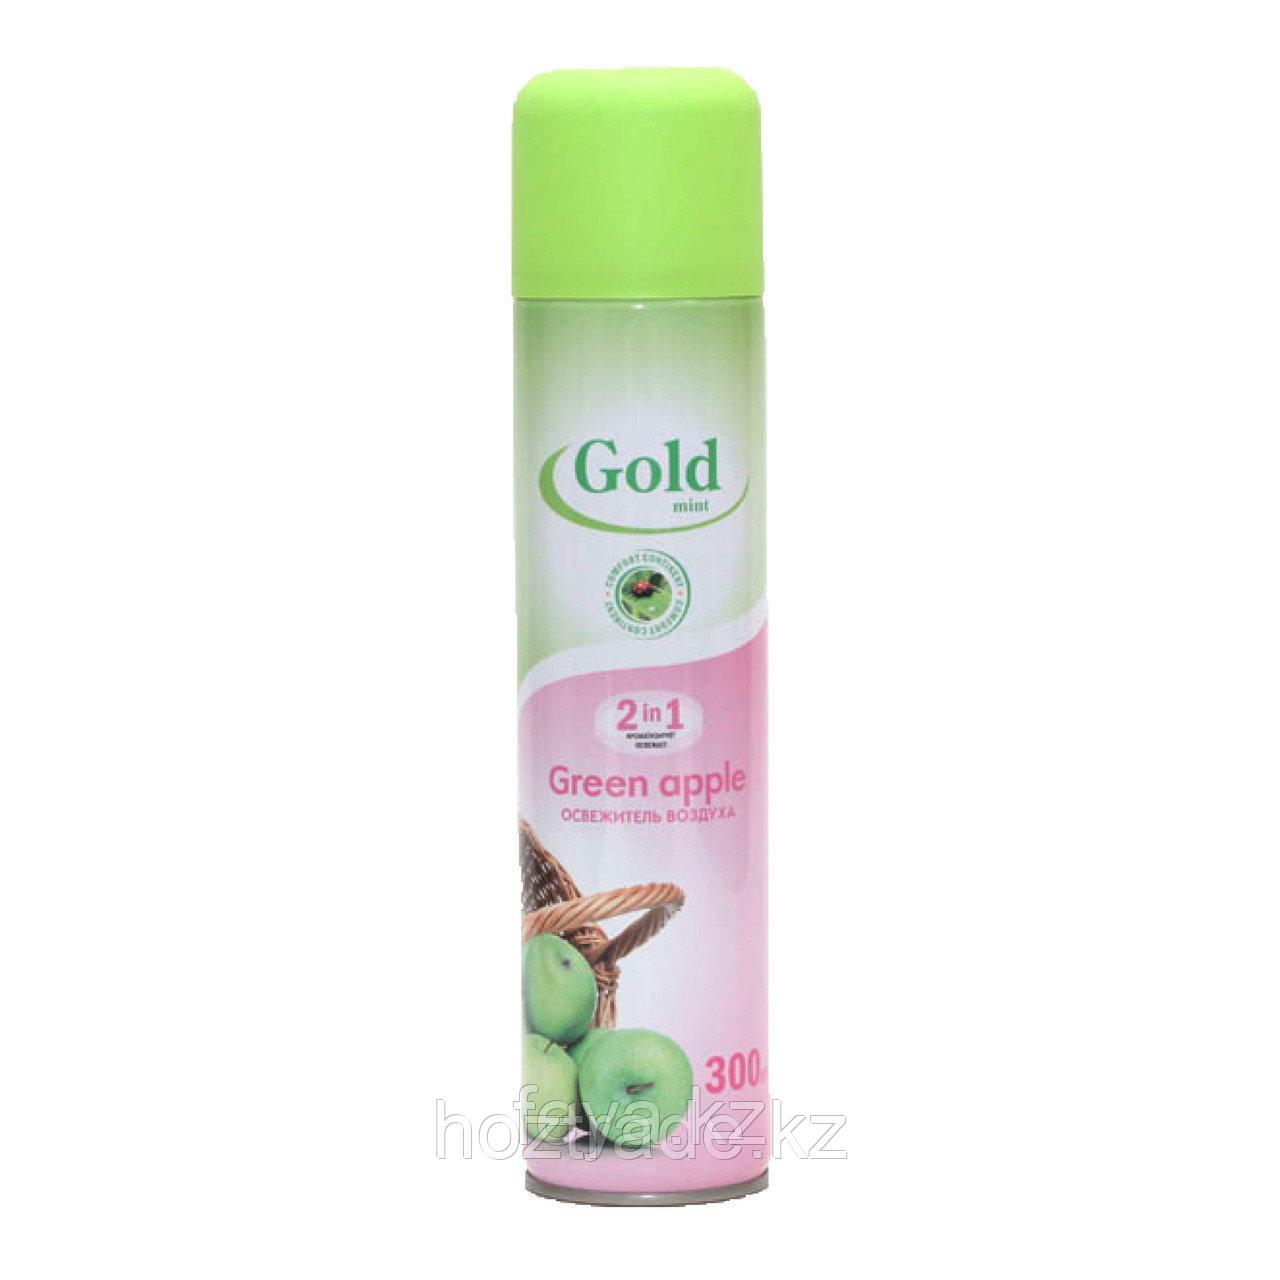 GOLD MINT Зеленое яблоко (Green apple) 300мл. освежитель воздуха